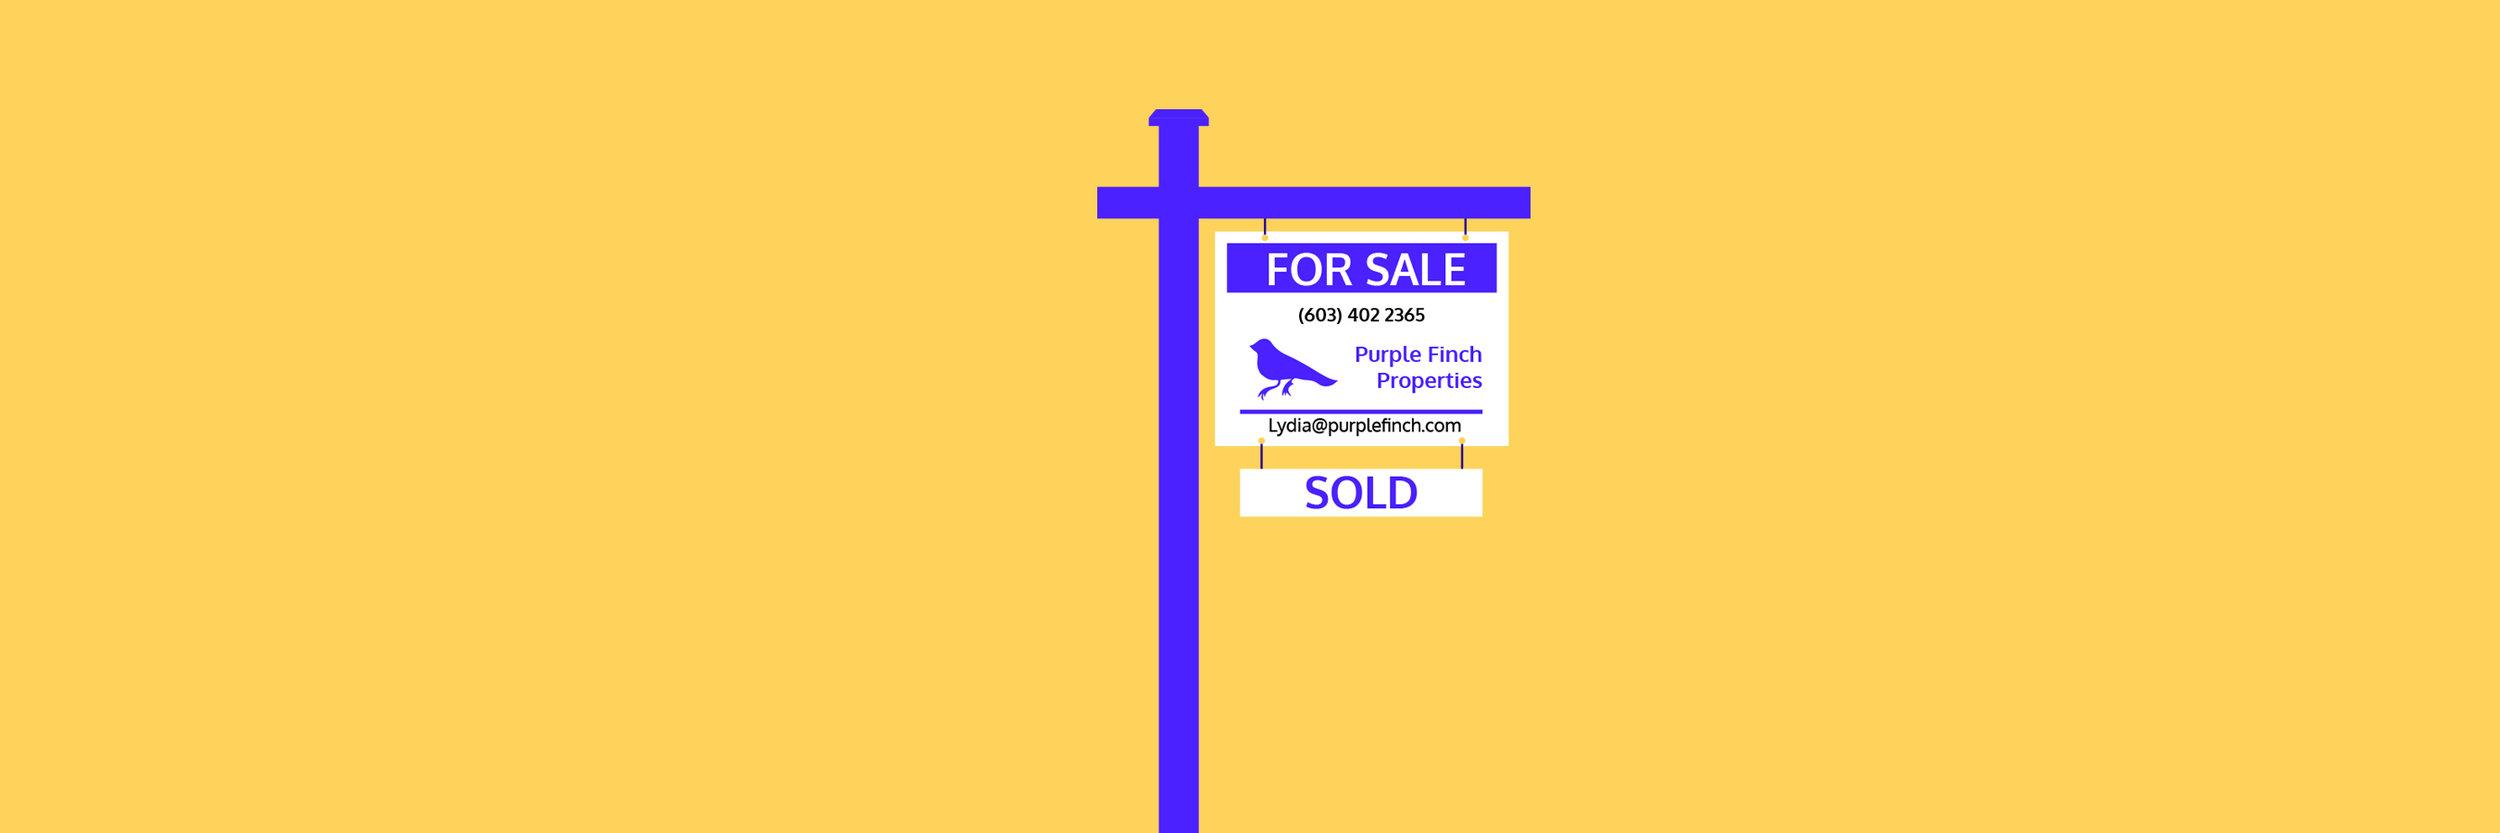 Purple_Finch_For_Sale_Web_5.jpg